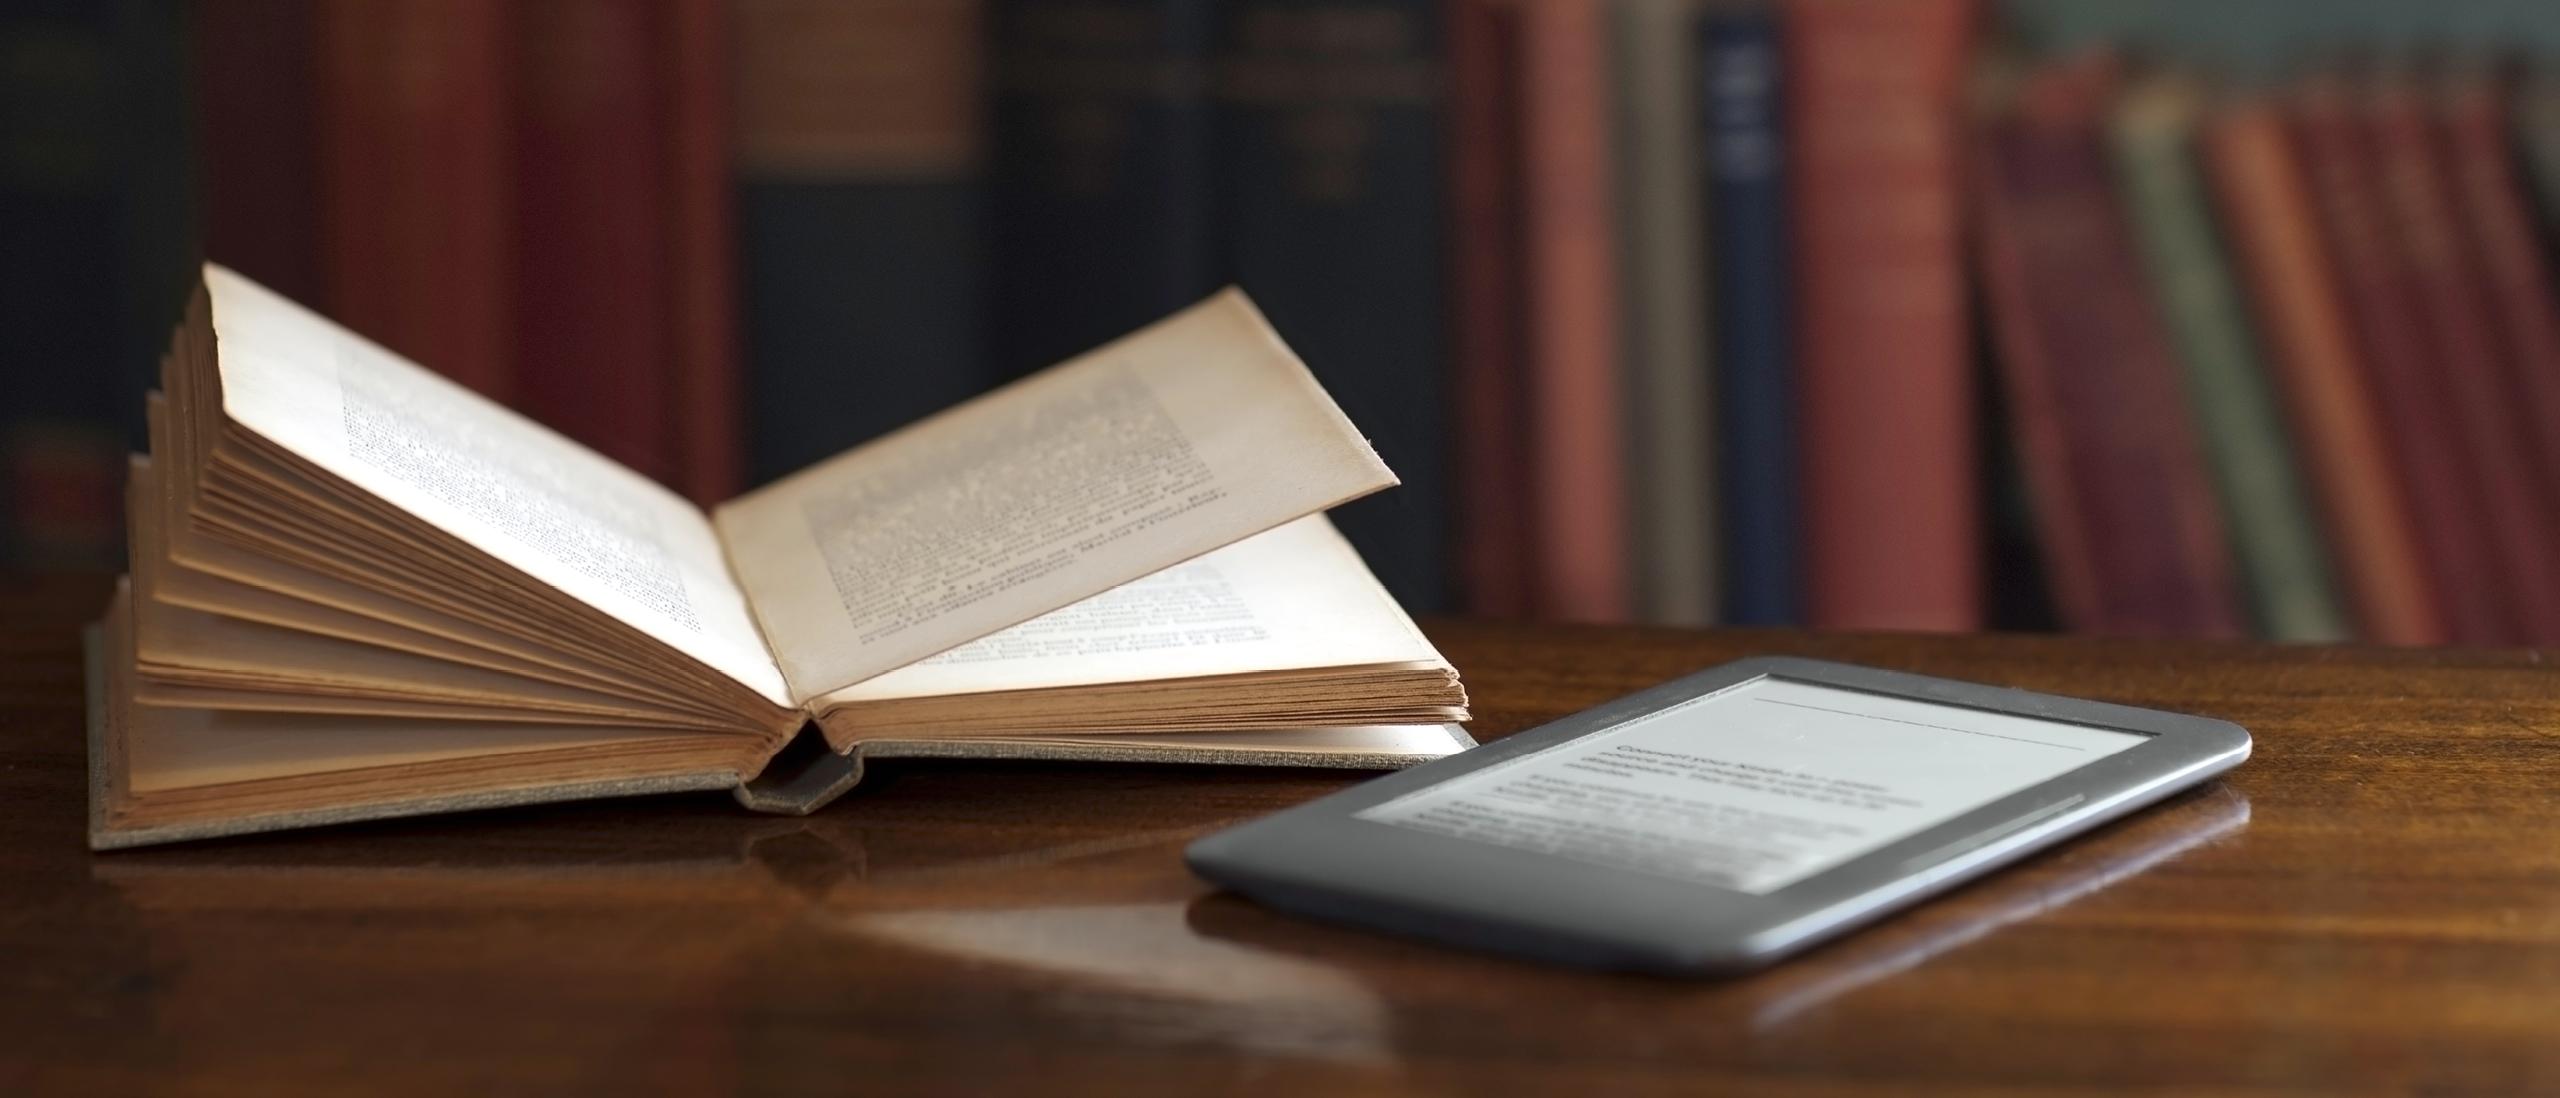 Udgiv både trykte og e-bøger